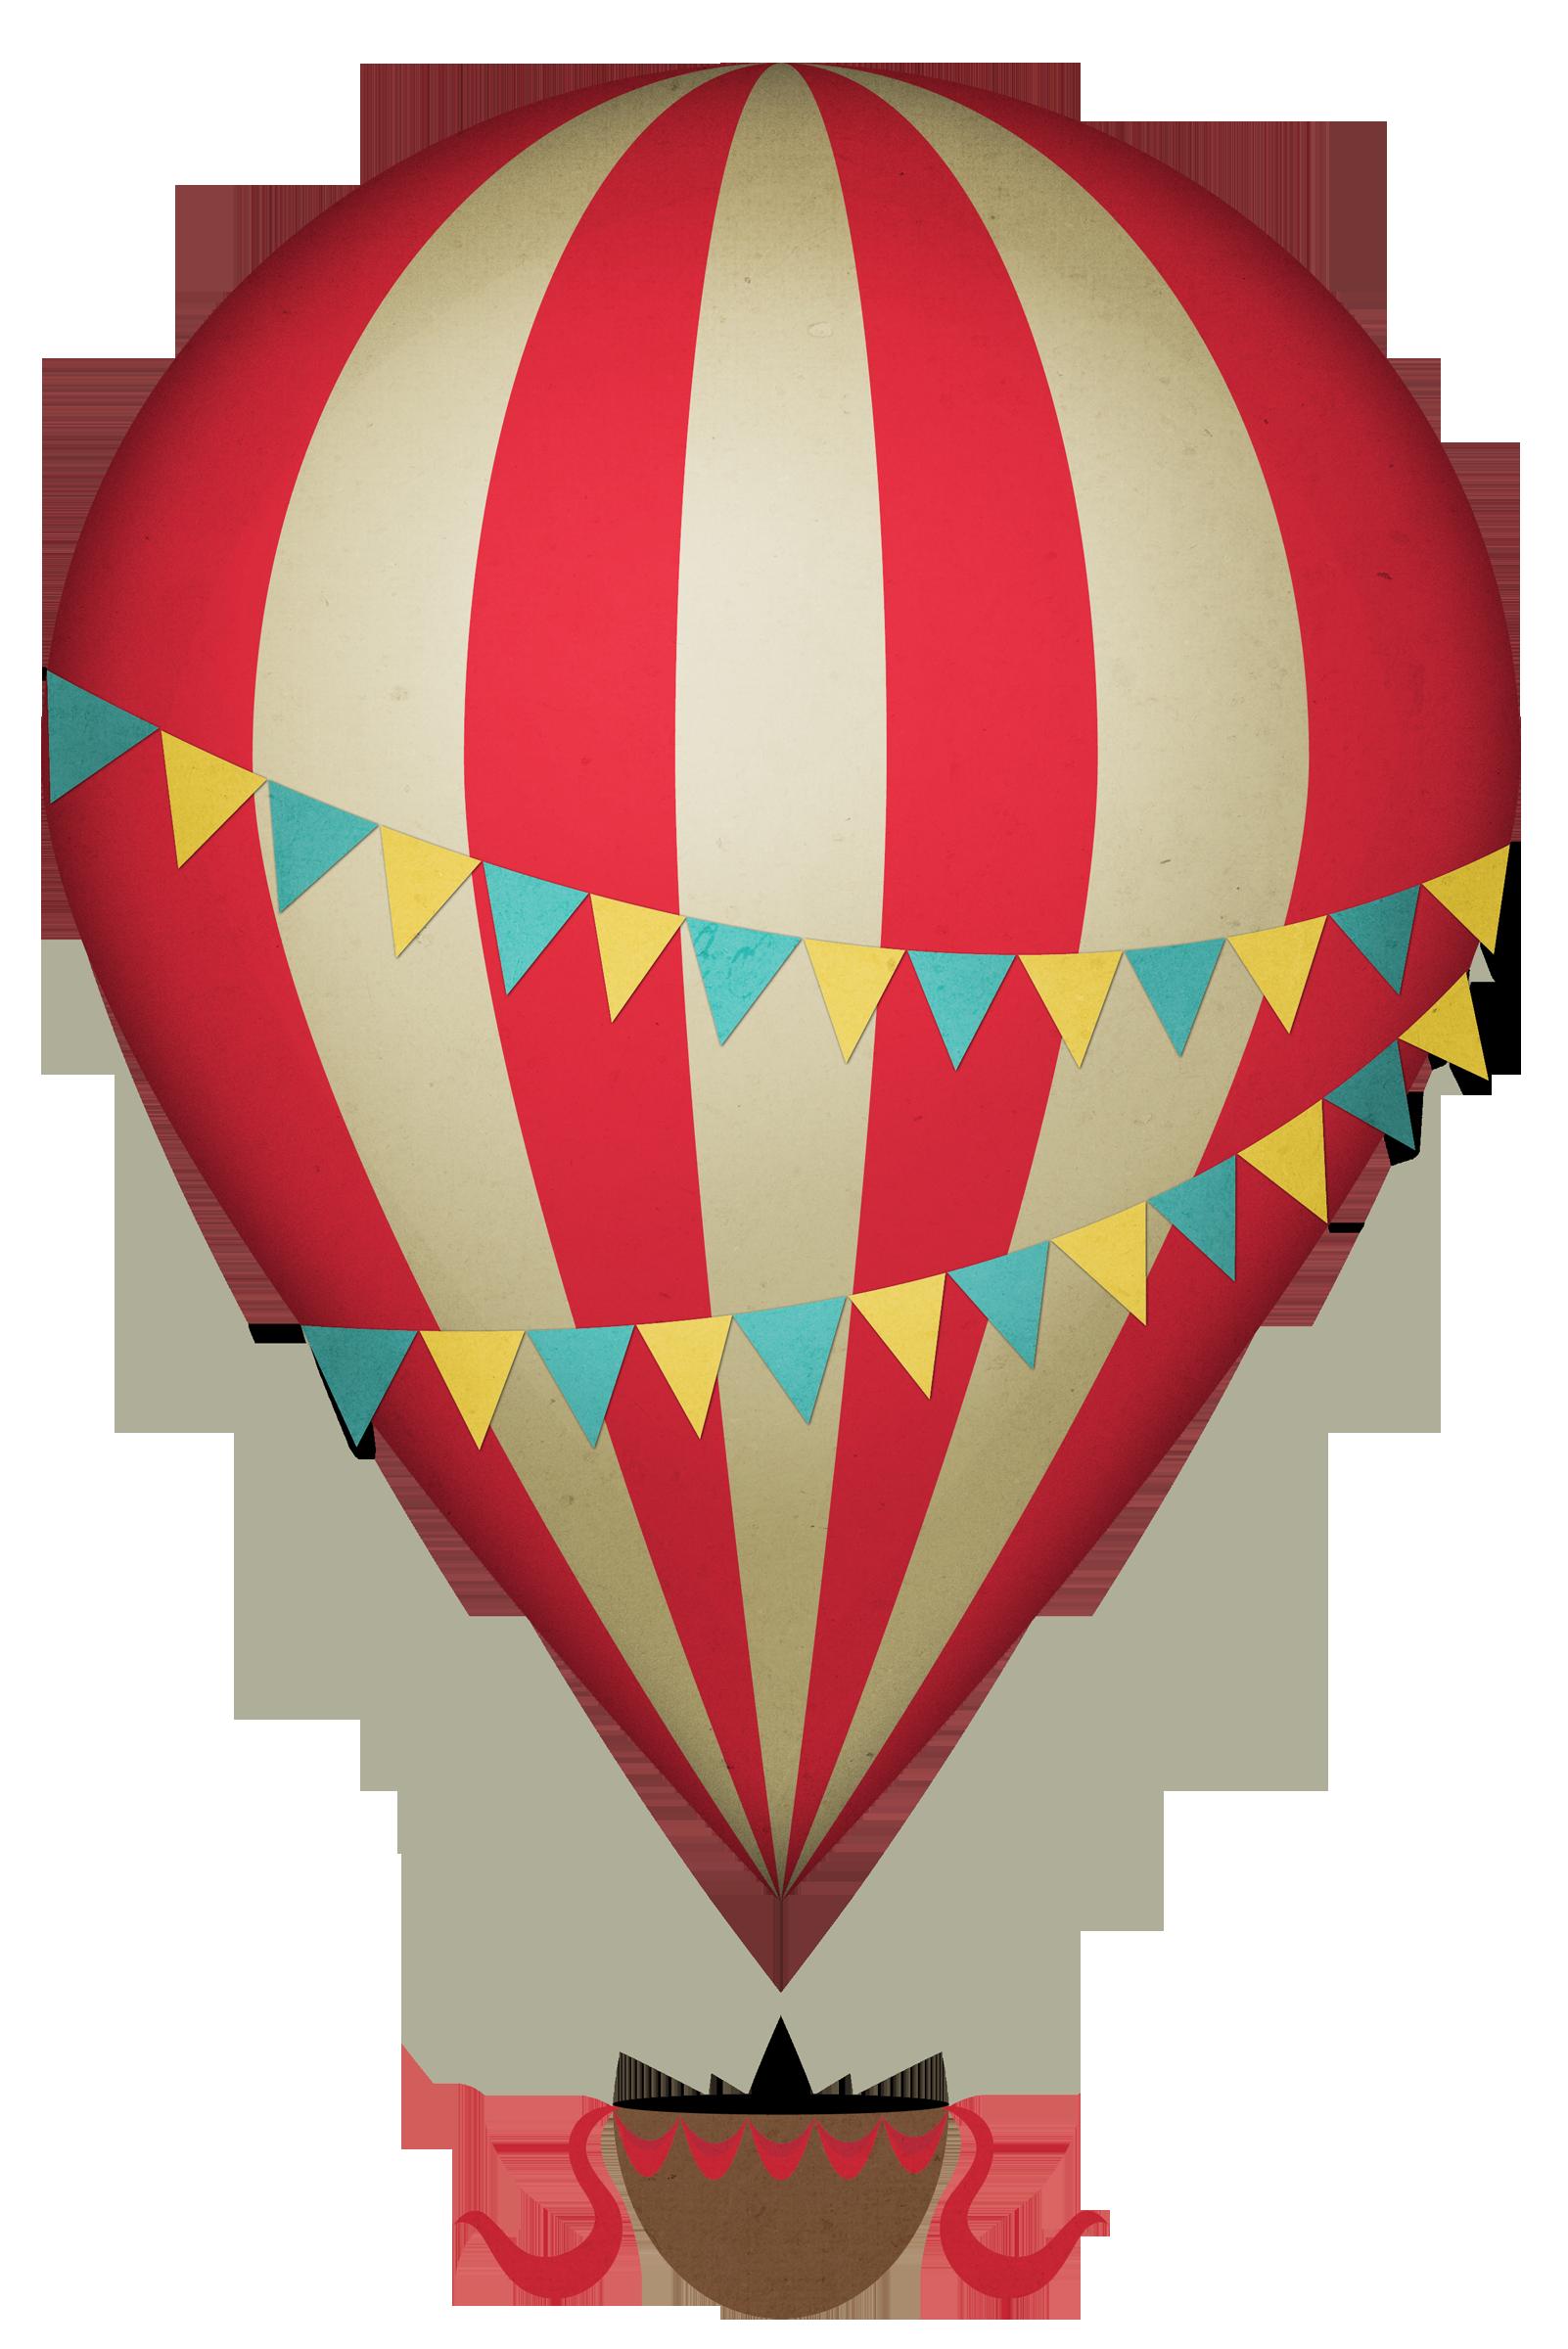 Balloon art clipart png.